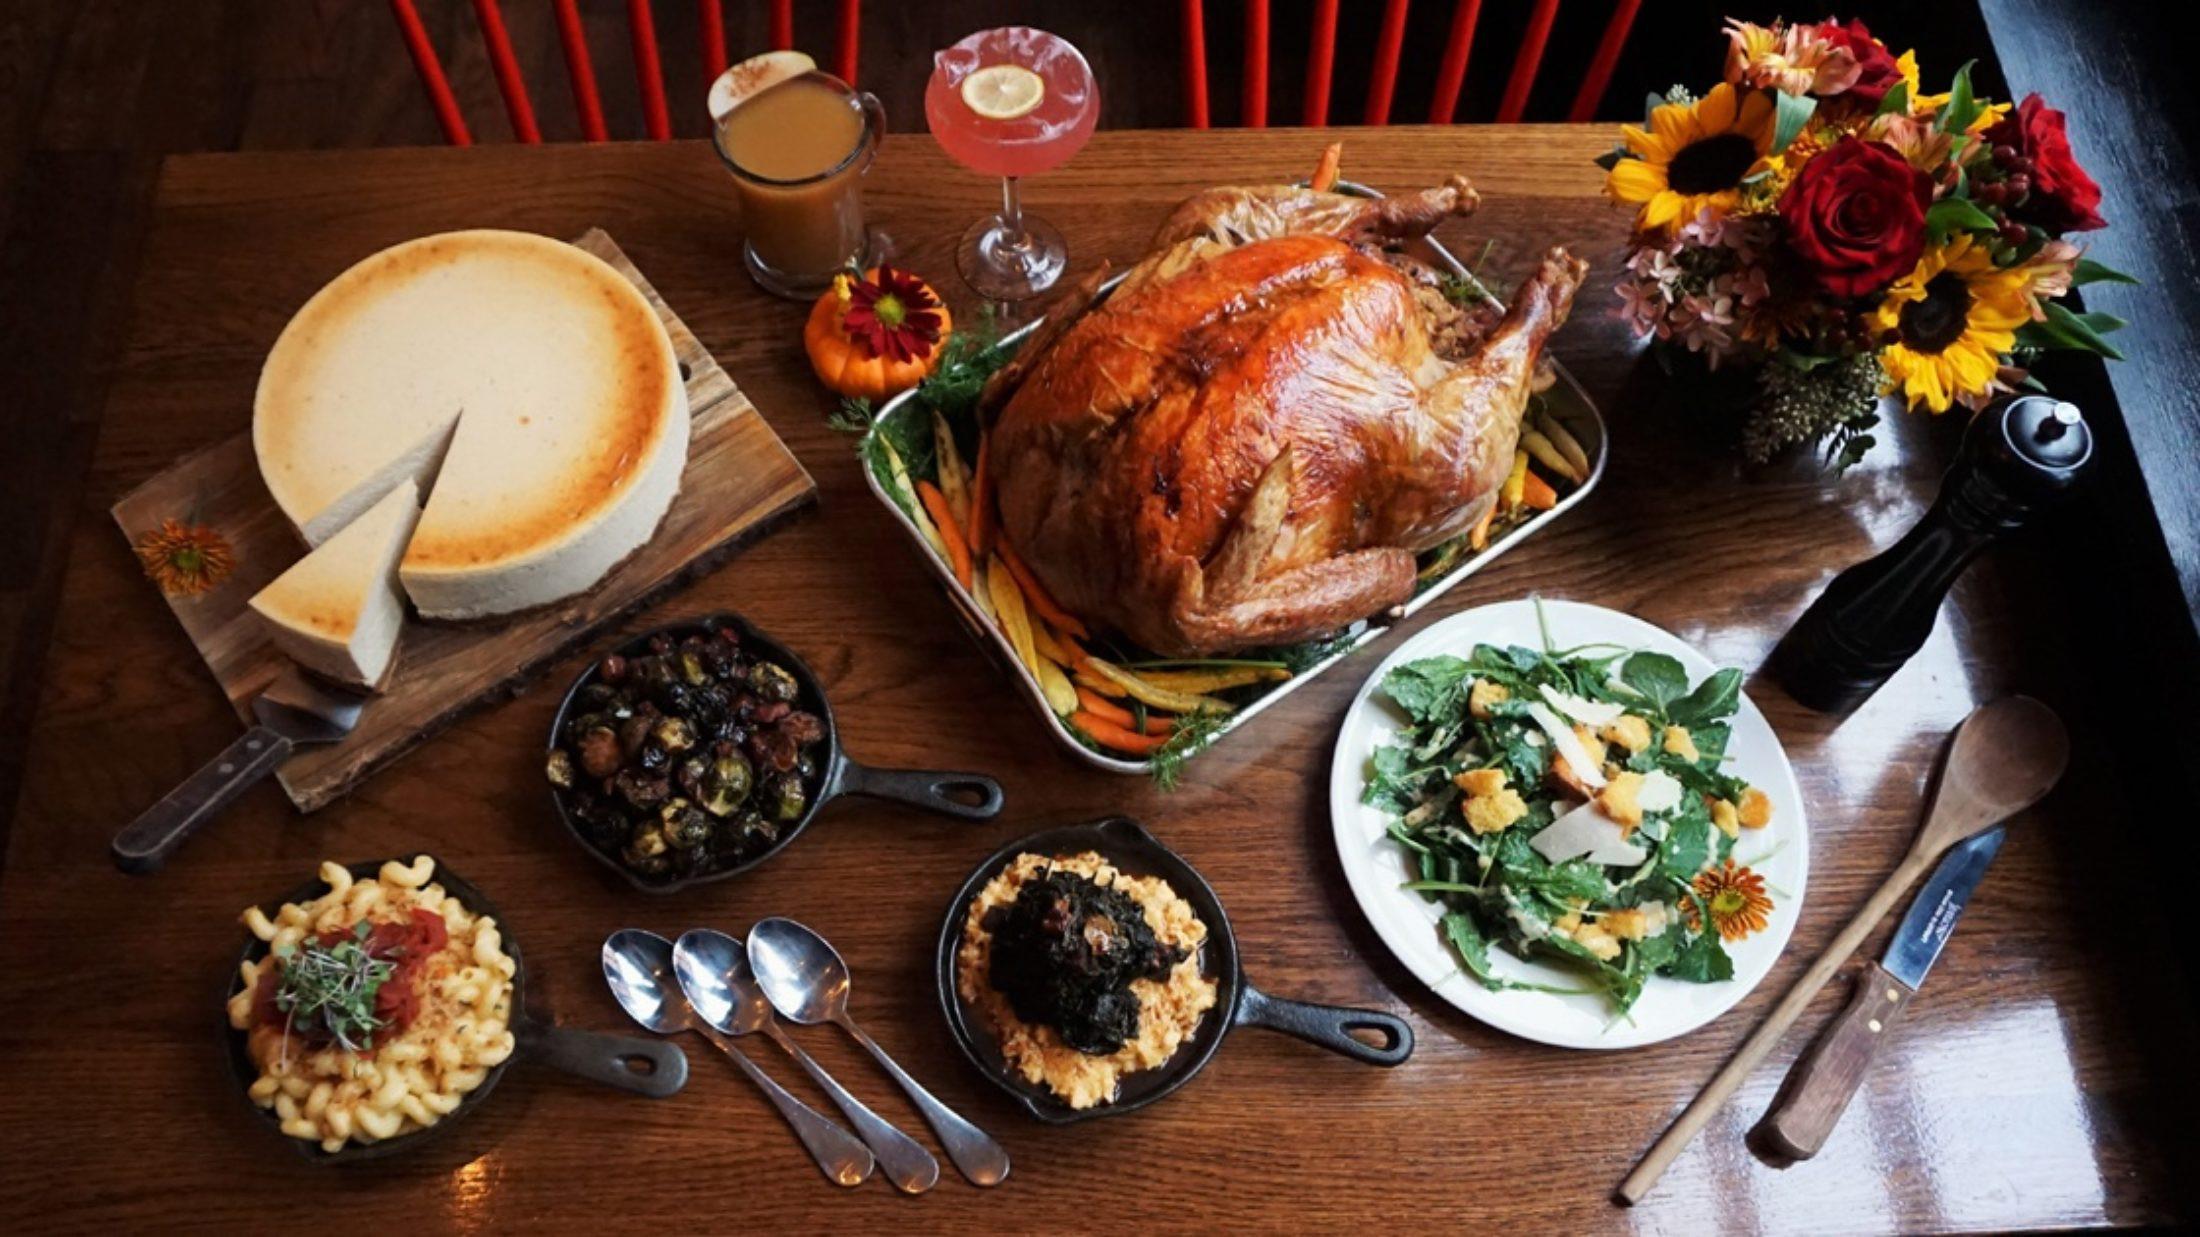 Restaurants Serving Thanksgiving Dinner 2019  Top 10 Dinnerware Sets For Thanksgiving & White Coupe